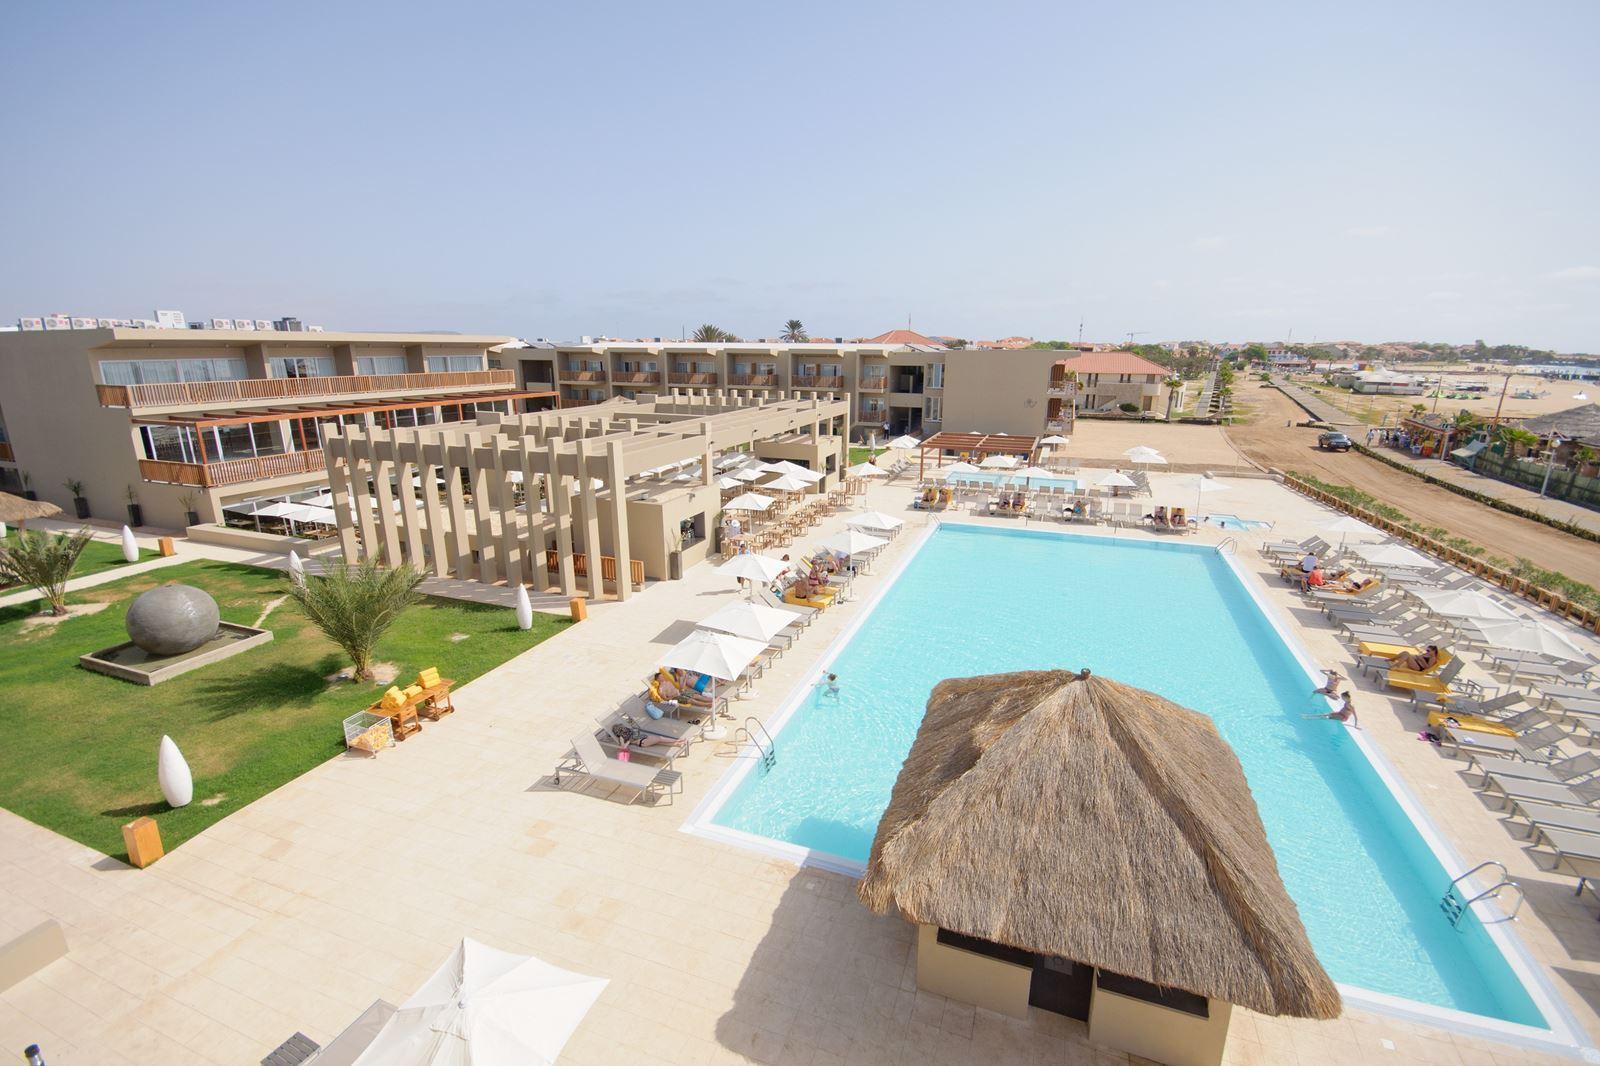 oasis-salinas-hotel 4058